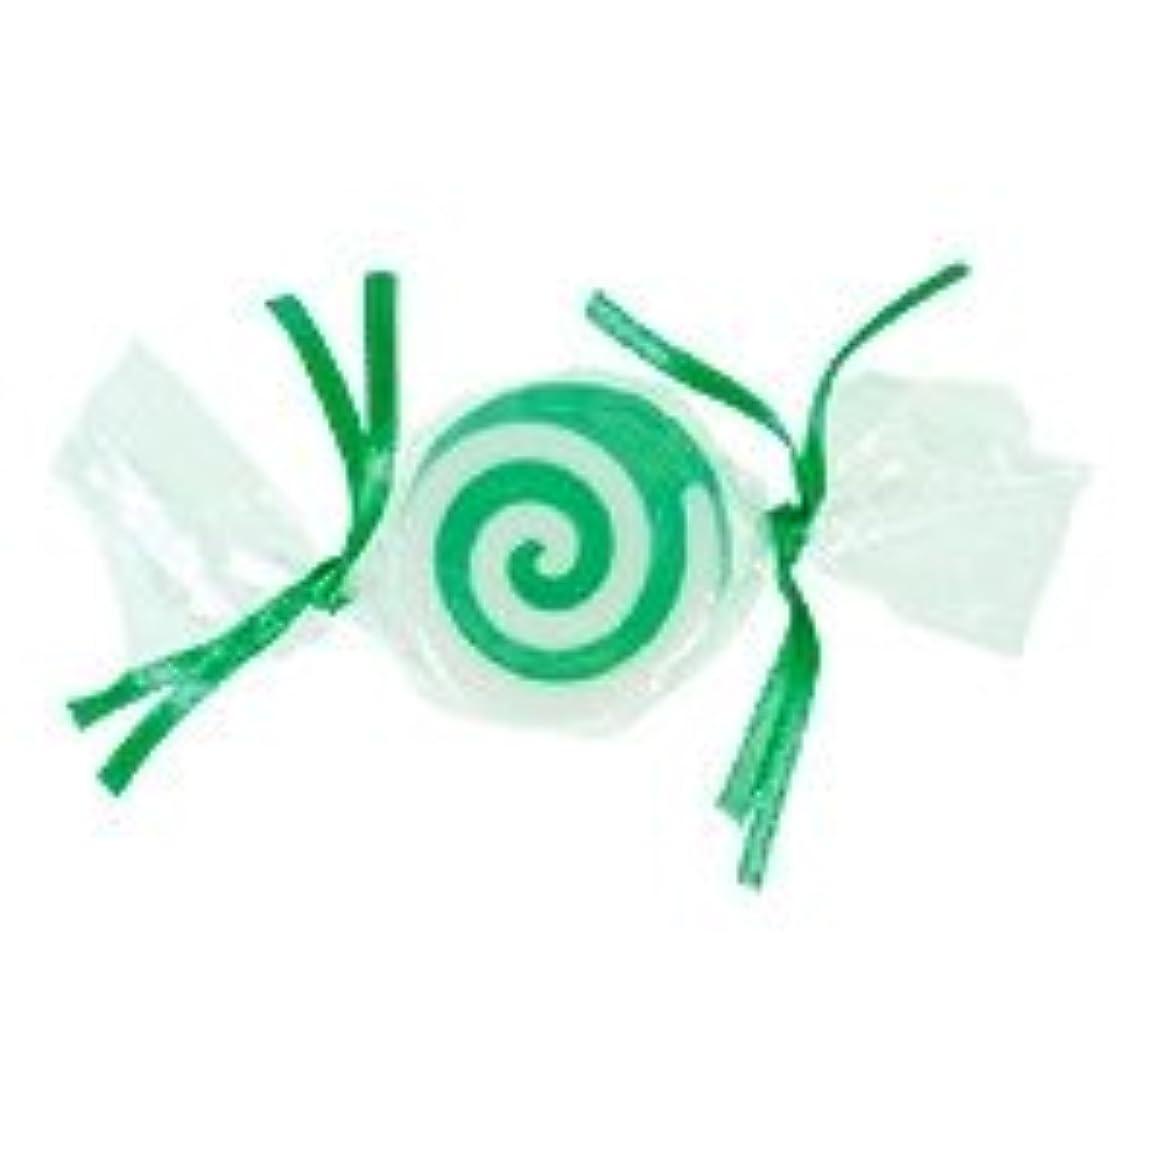 破滅的な甘いペデスタルベジタブルソープ キャンディ「グリーン」20個セット グリーンアップルの香り